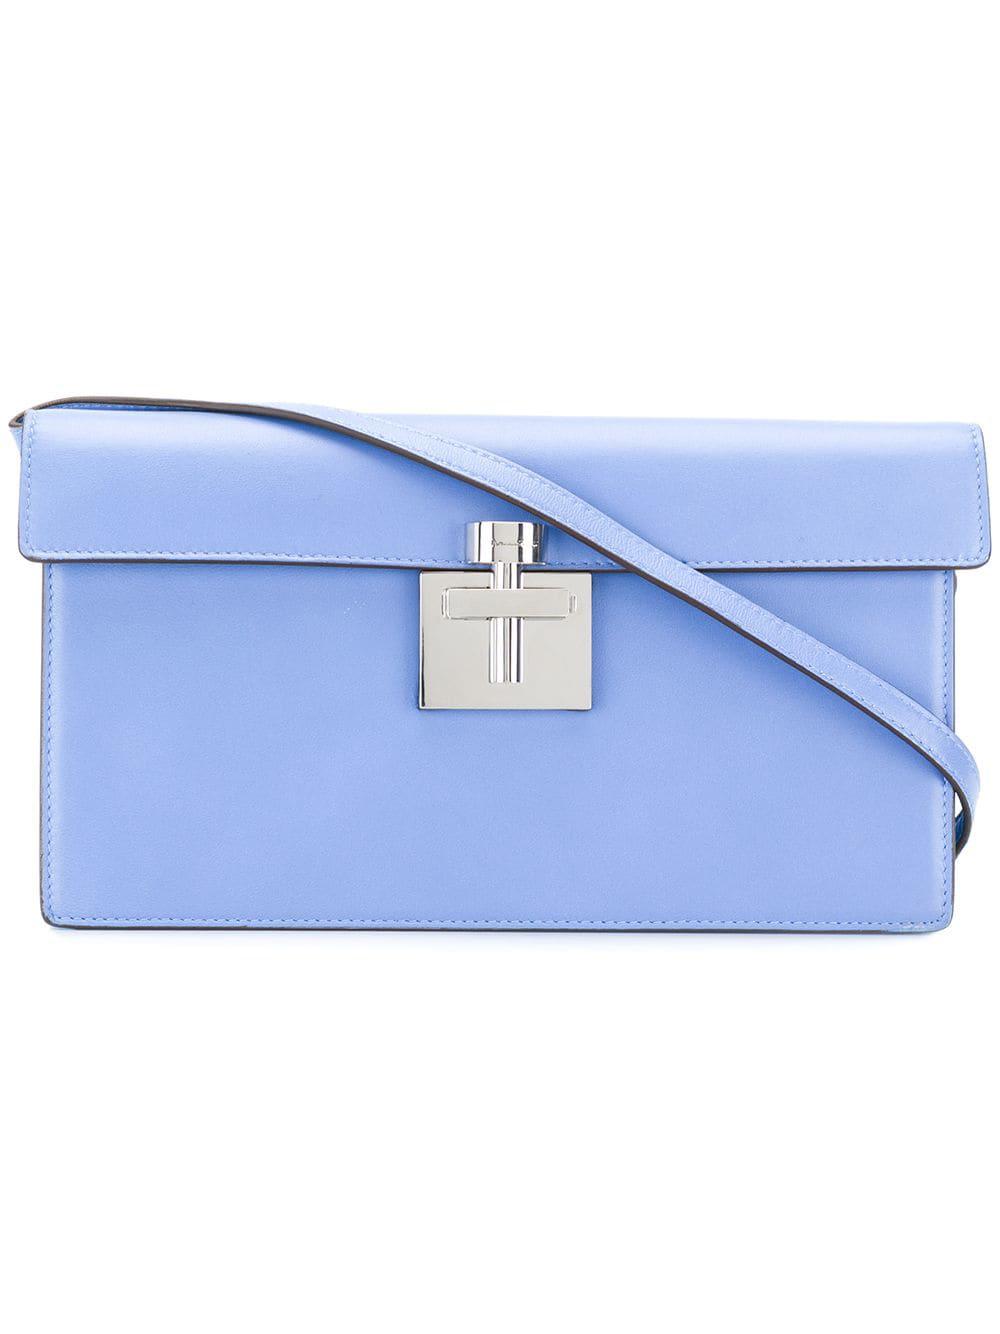 bf5f6e7d794 Oscar De La Renta Alibi Clutch Bag - Blue